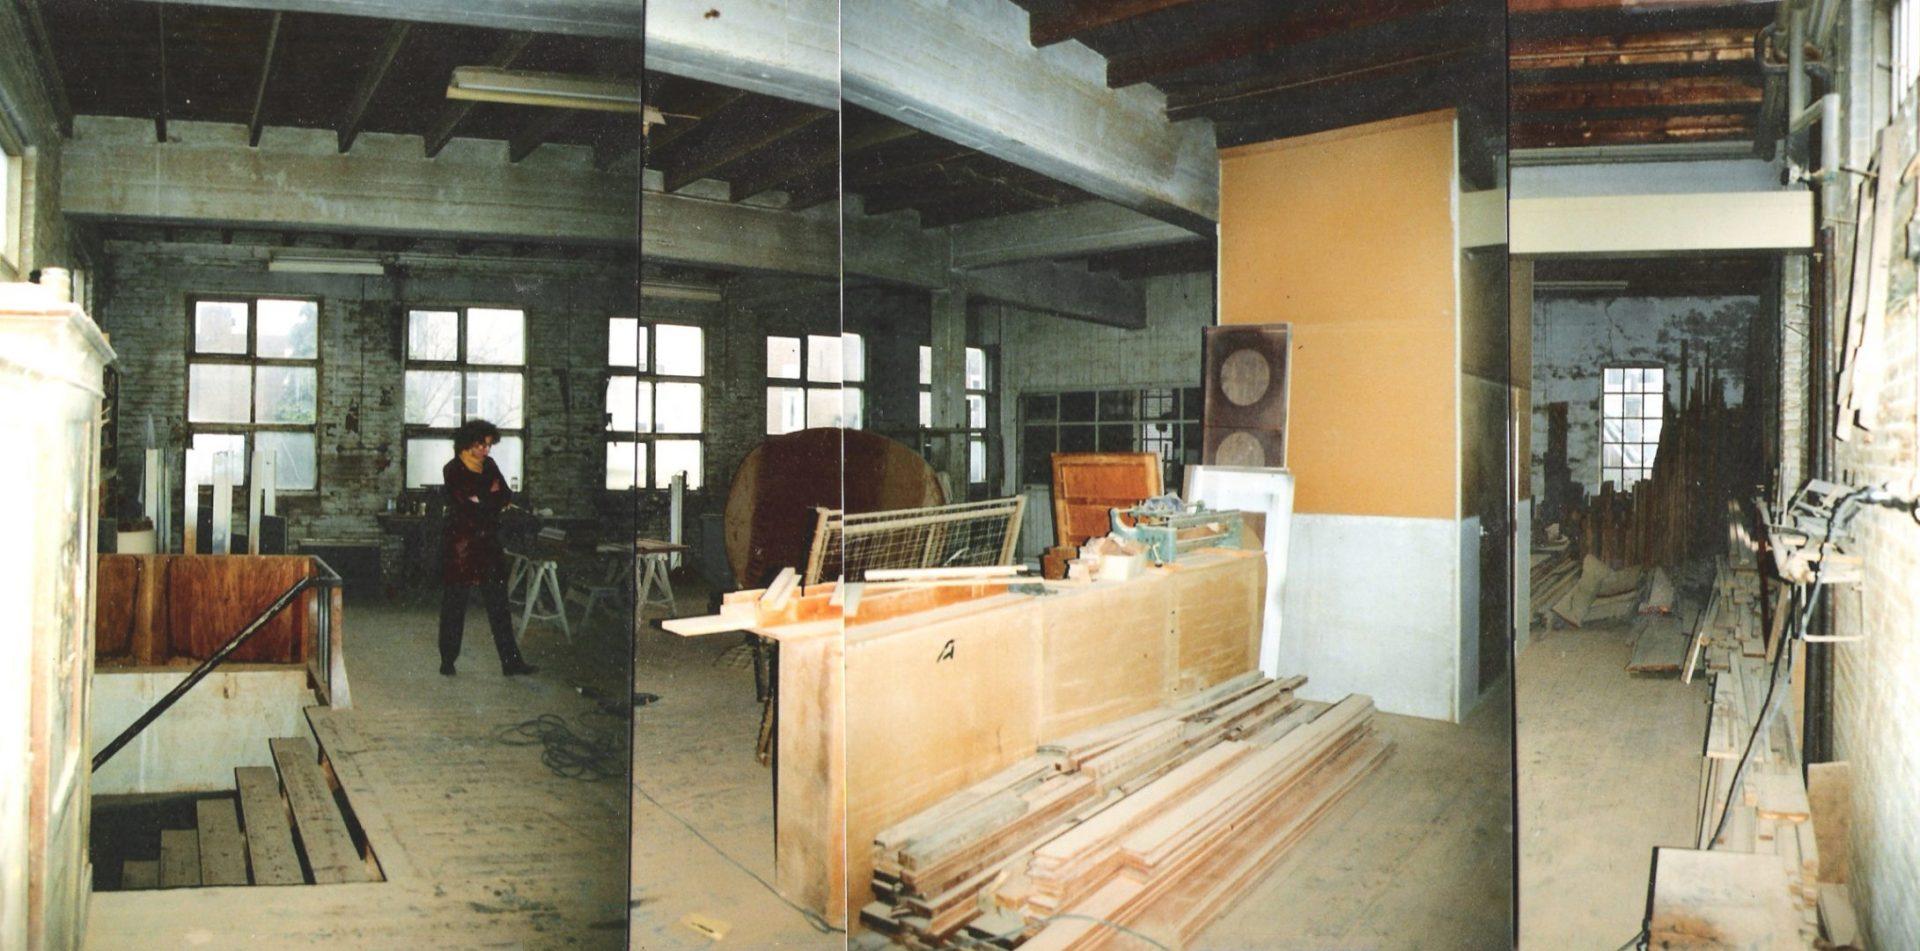 Herbestemming timmerfabriek woning